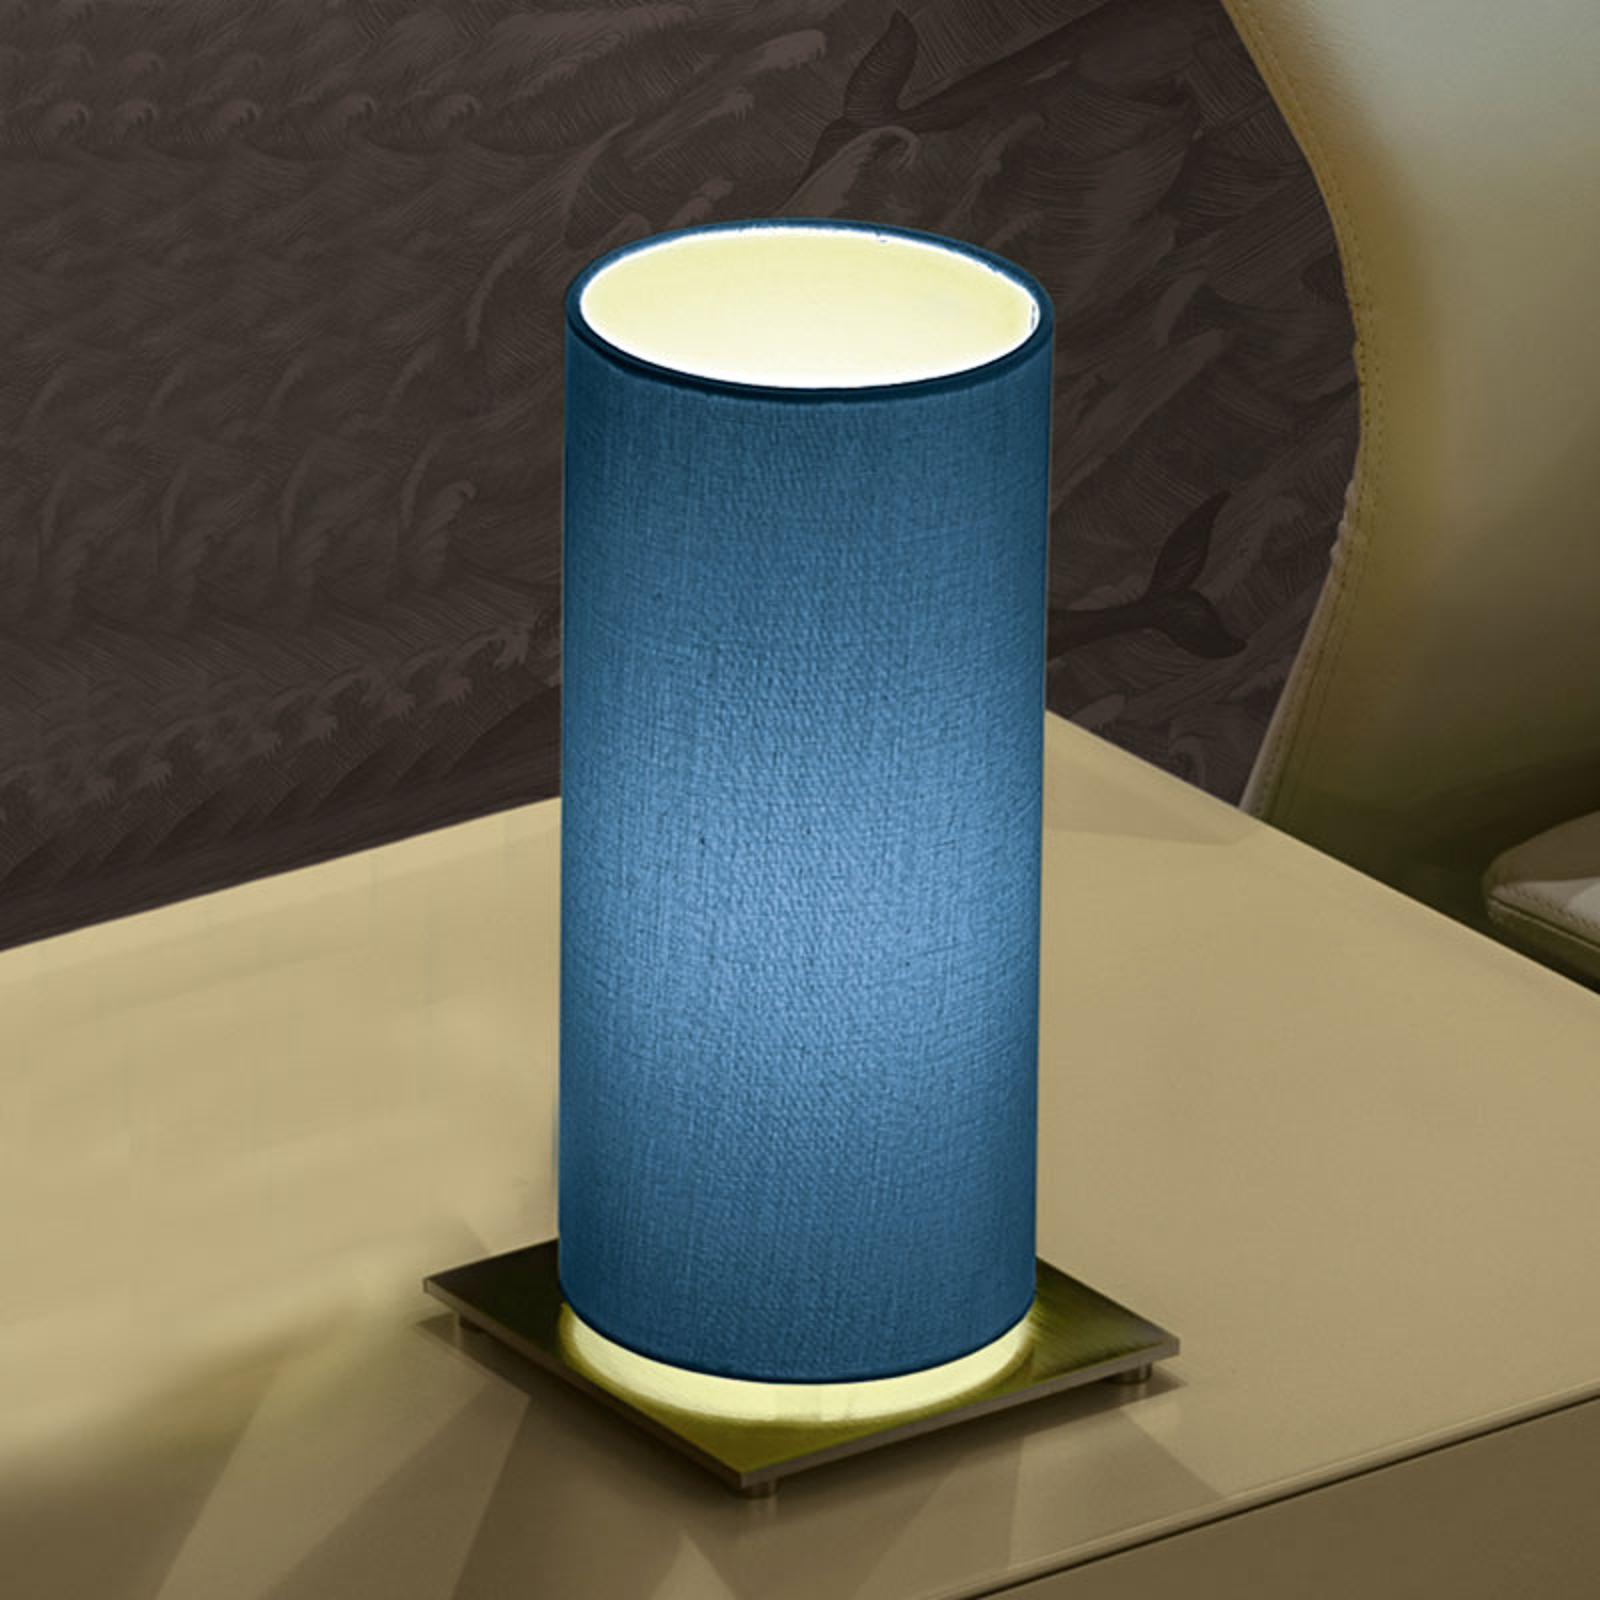 Modo Luce Lost lampe à poser Ø 18cm bleue